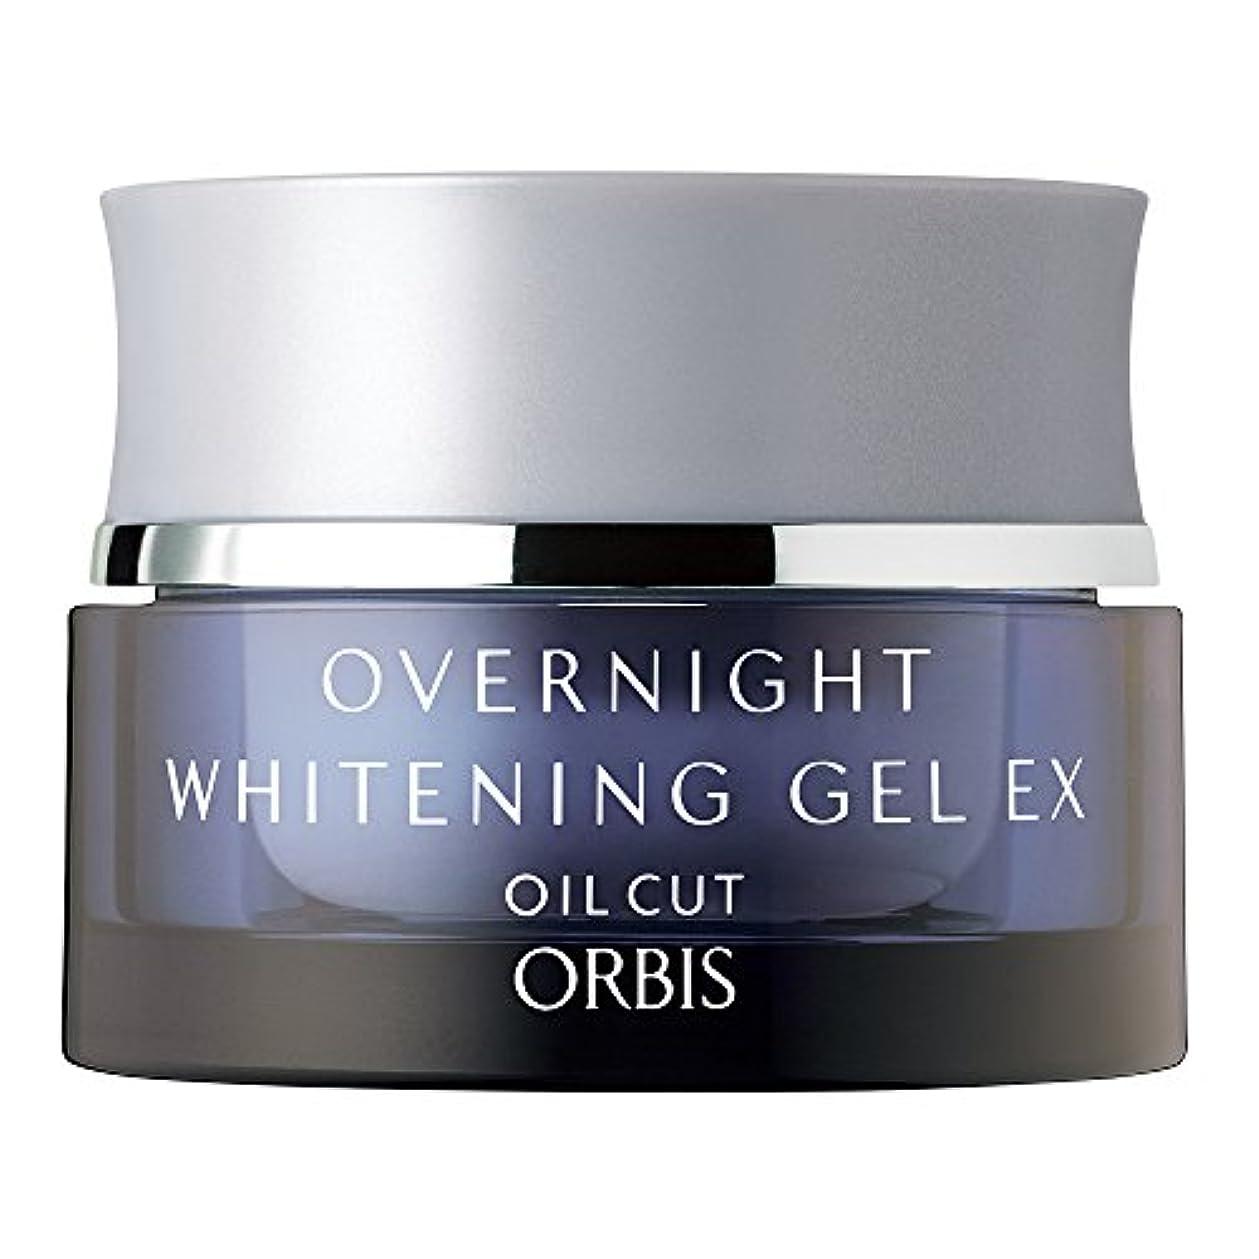 意図祭り逆さまにオルビス(ORBIS) オーバーナイトホワイトニングジェルEX 30g ◎夜用美白パック◎ [医薬部外品]